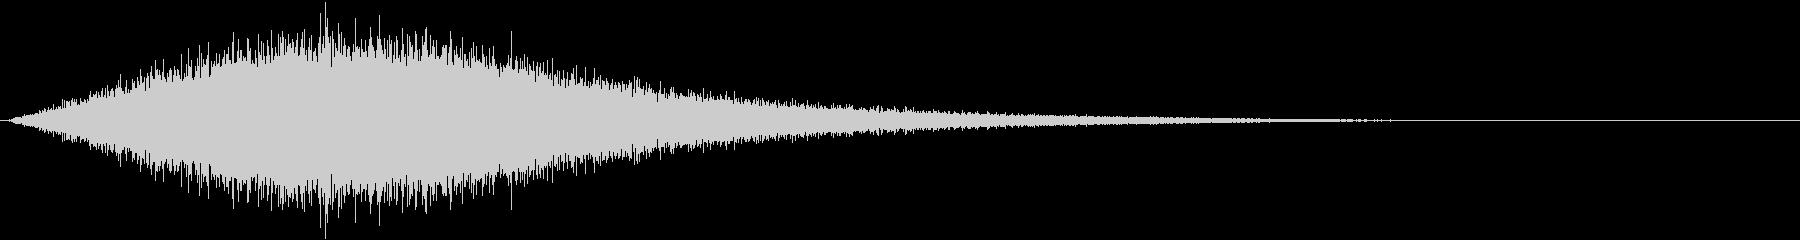 シューッという音EC07_90_2の未再生の波形